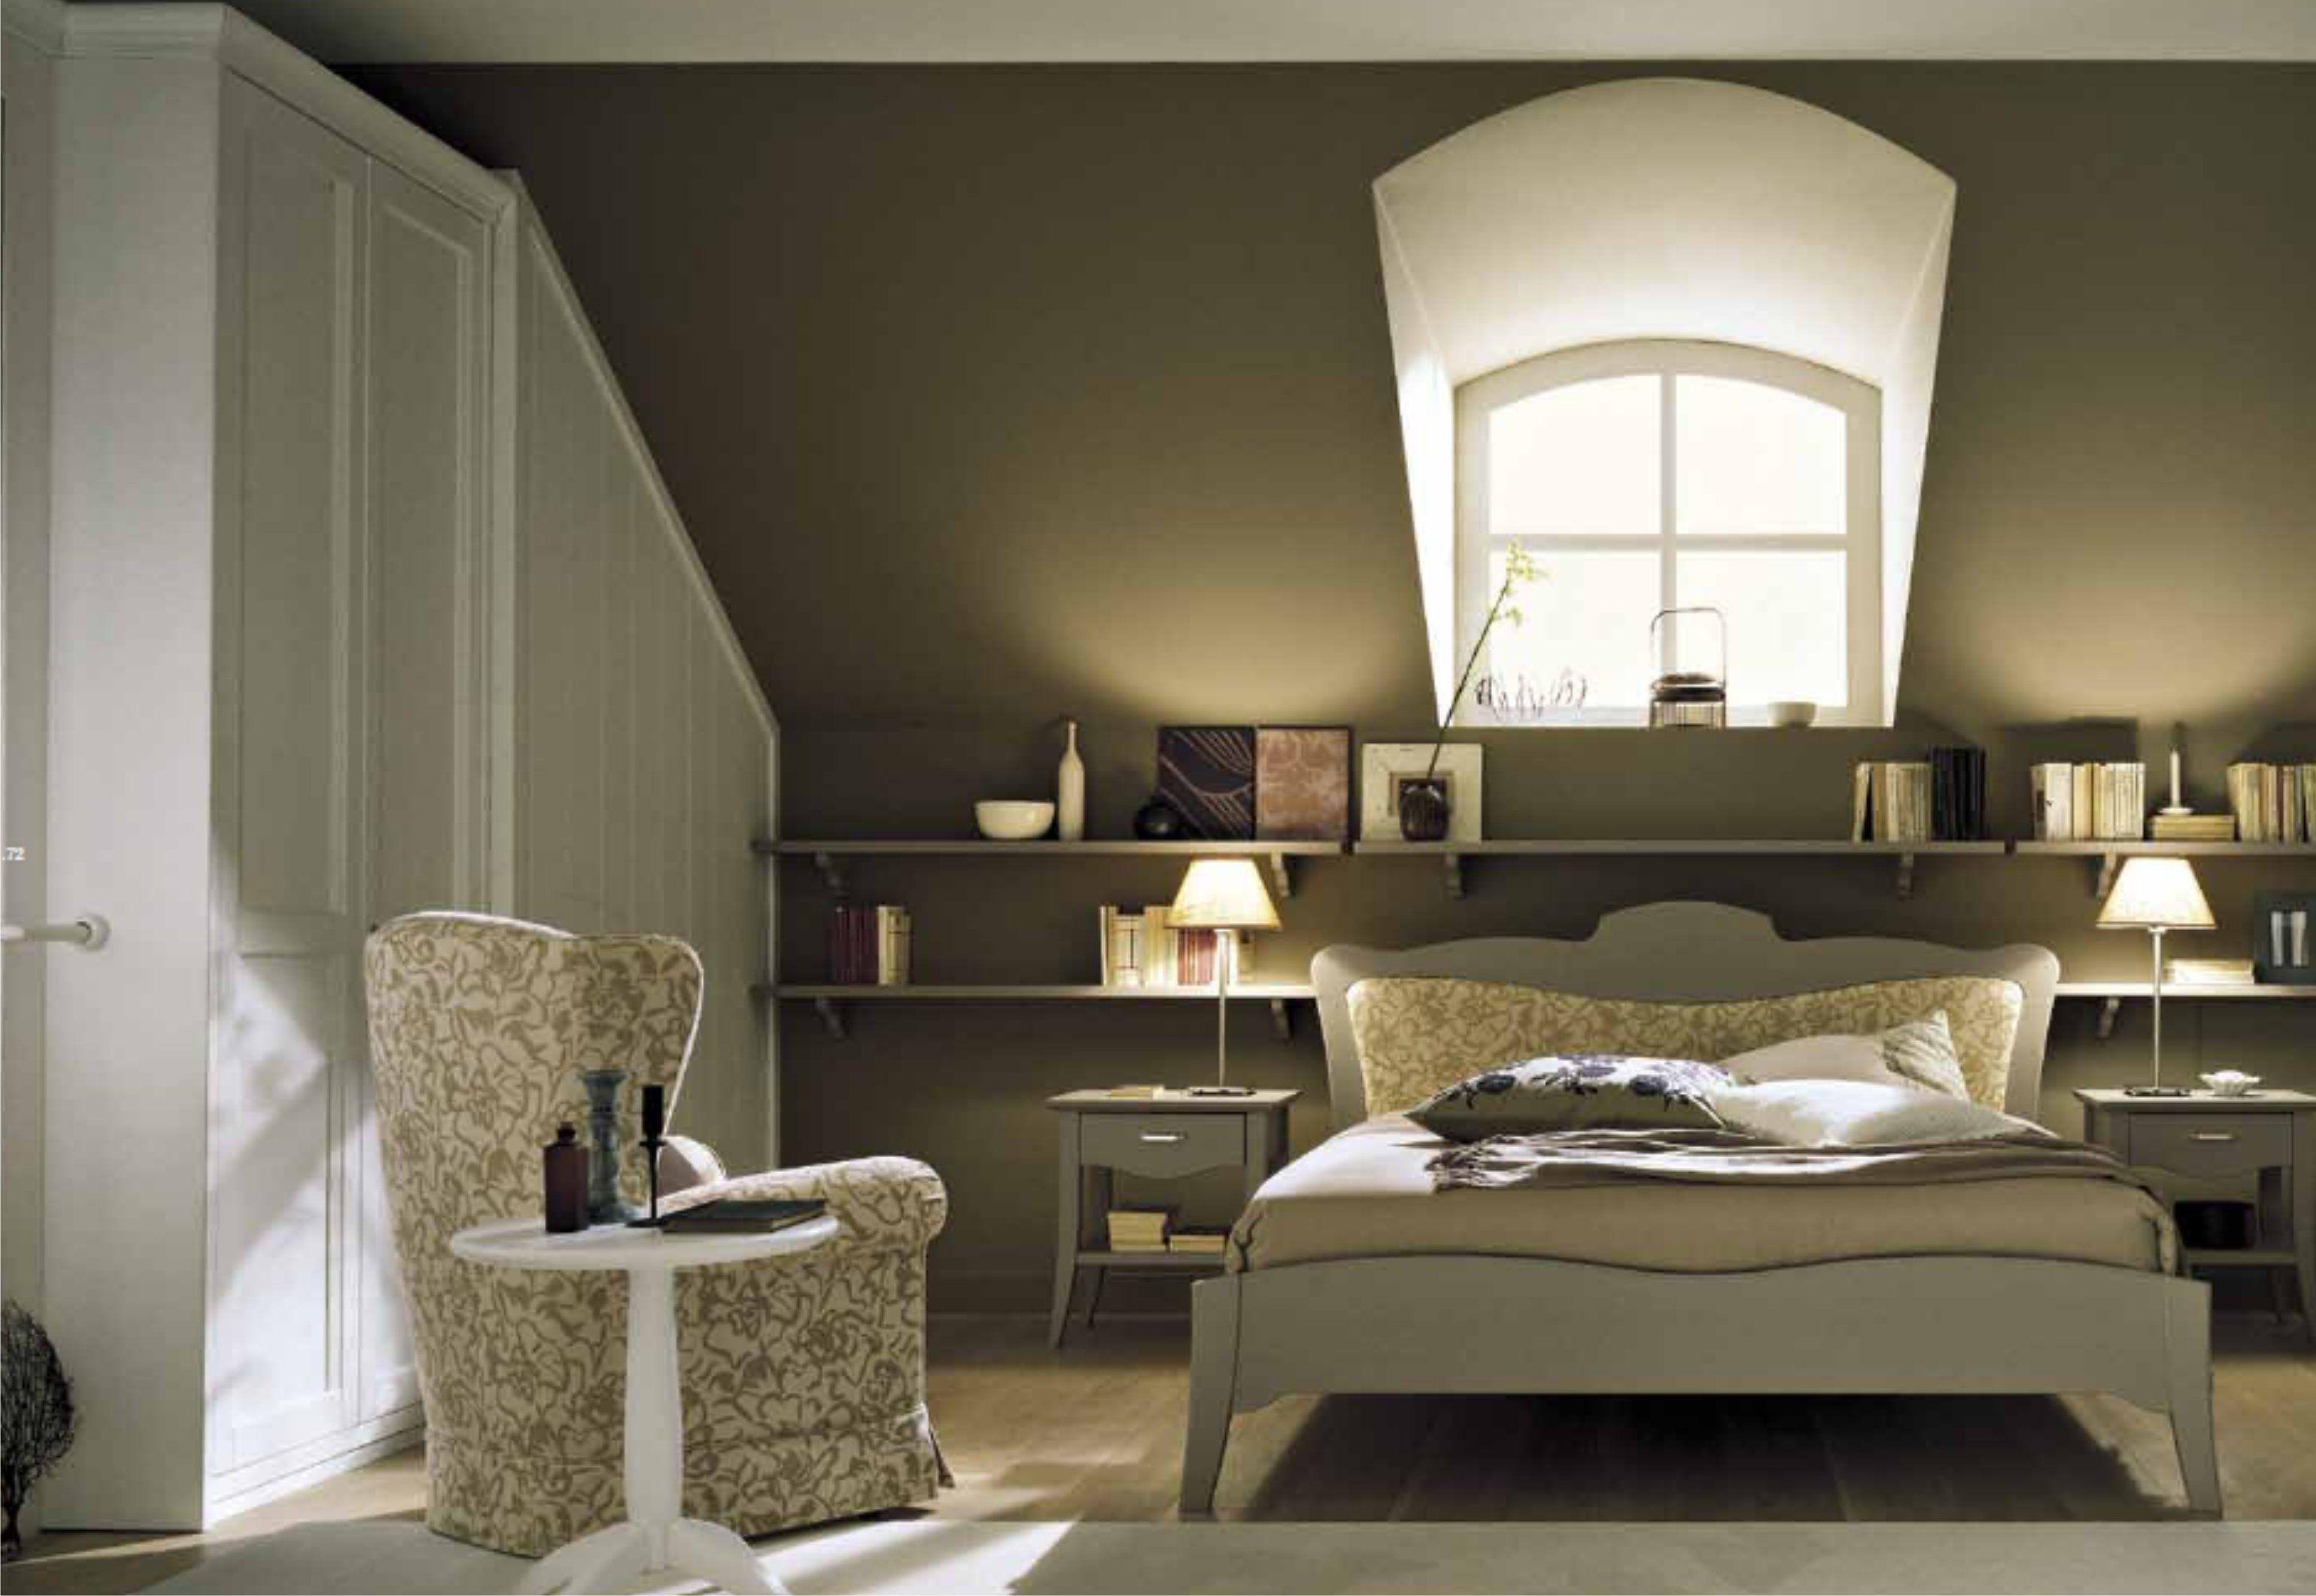 Armadi per camere da letto ikea : armadio per camera da letto ikea ...